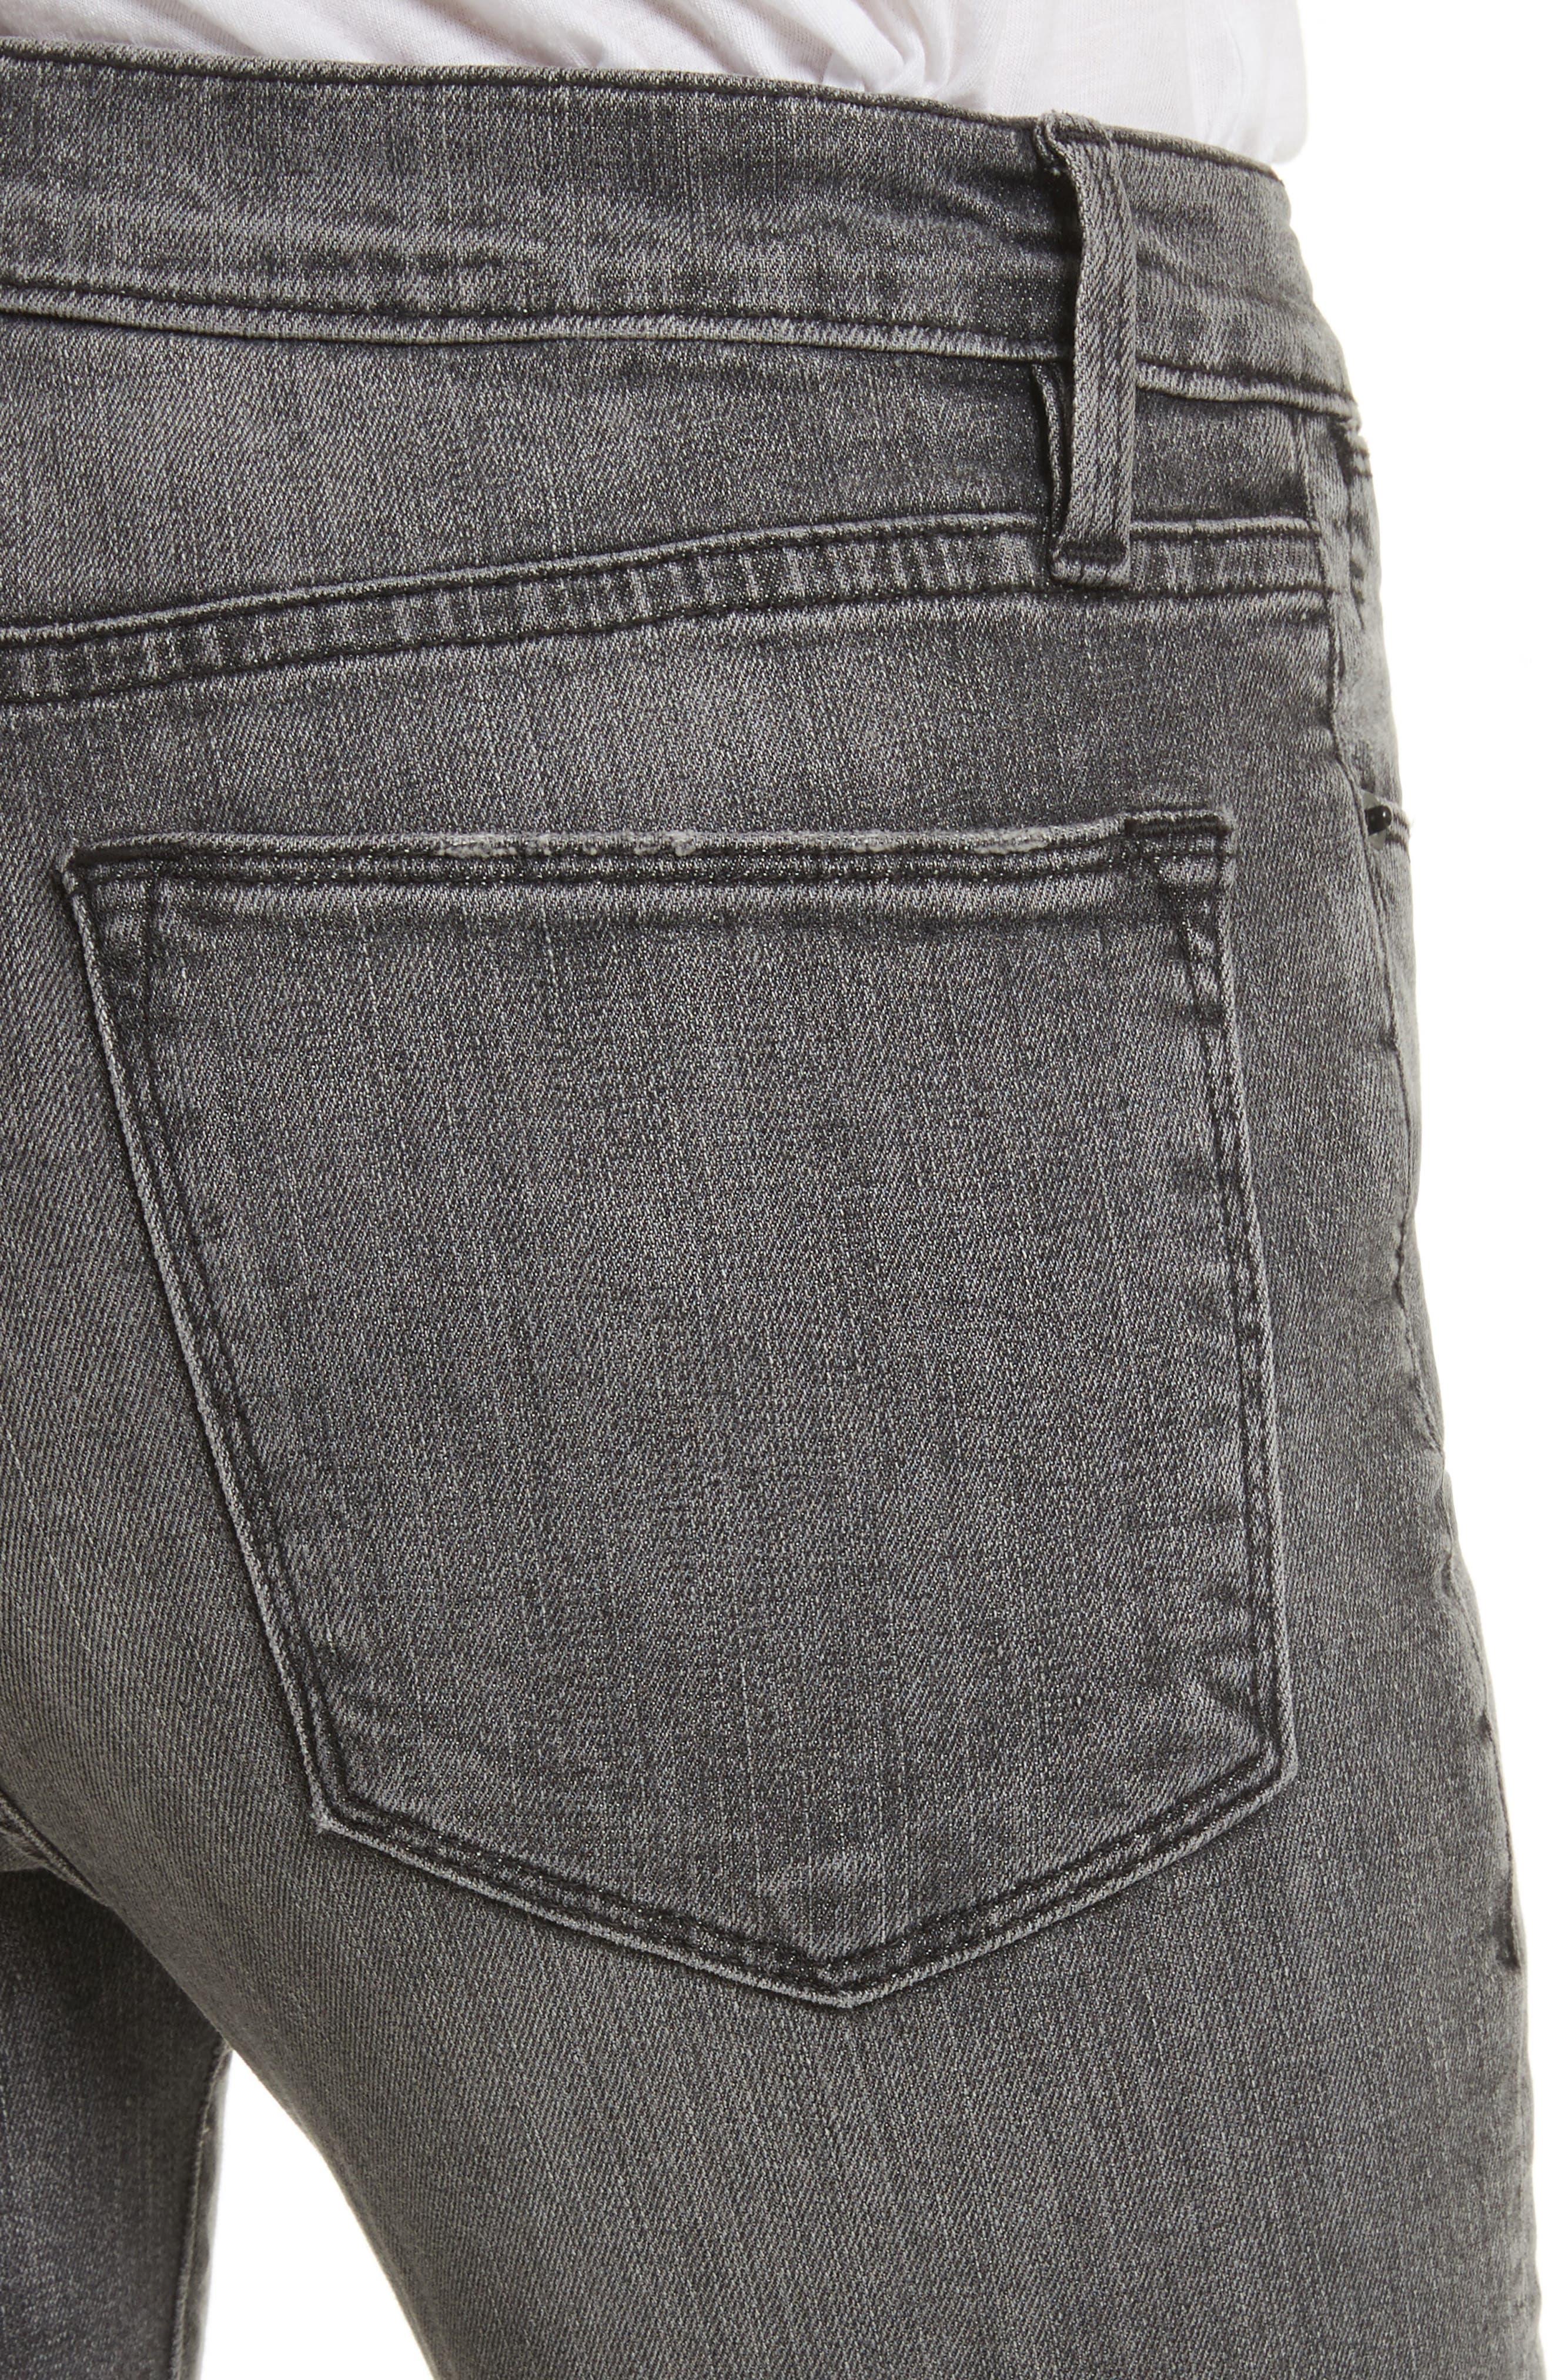 Le High Shredded Skinny Jeans,                             Alternate thumbnail 5, color,                             Berwick